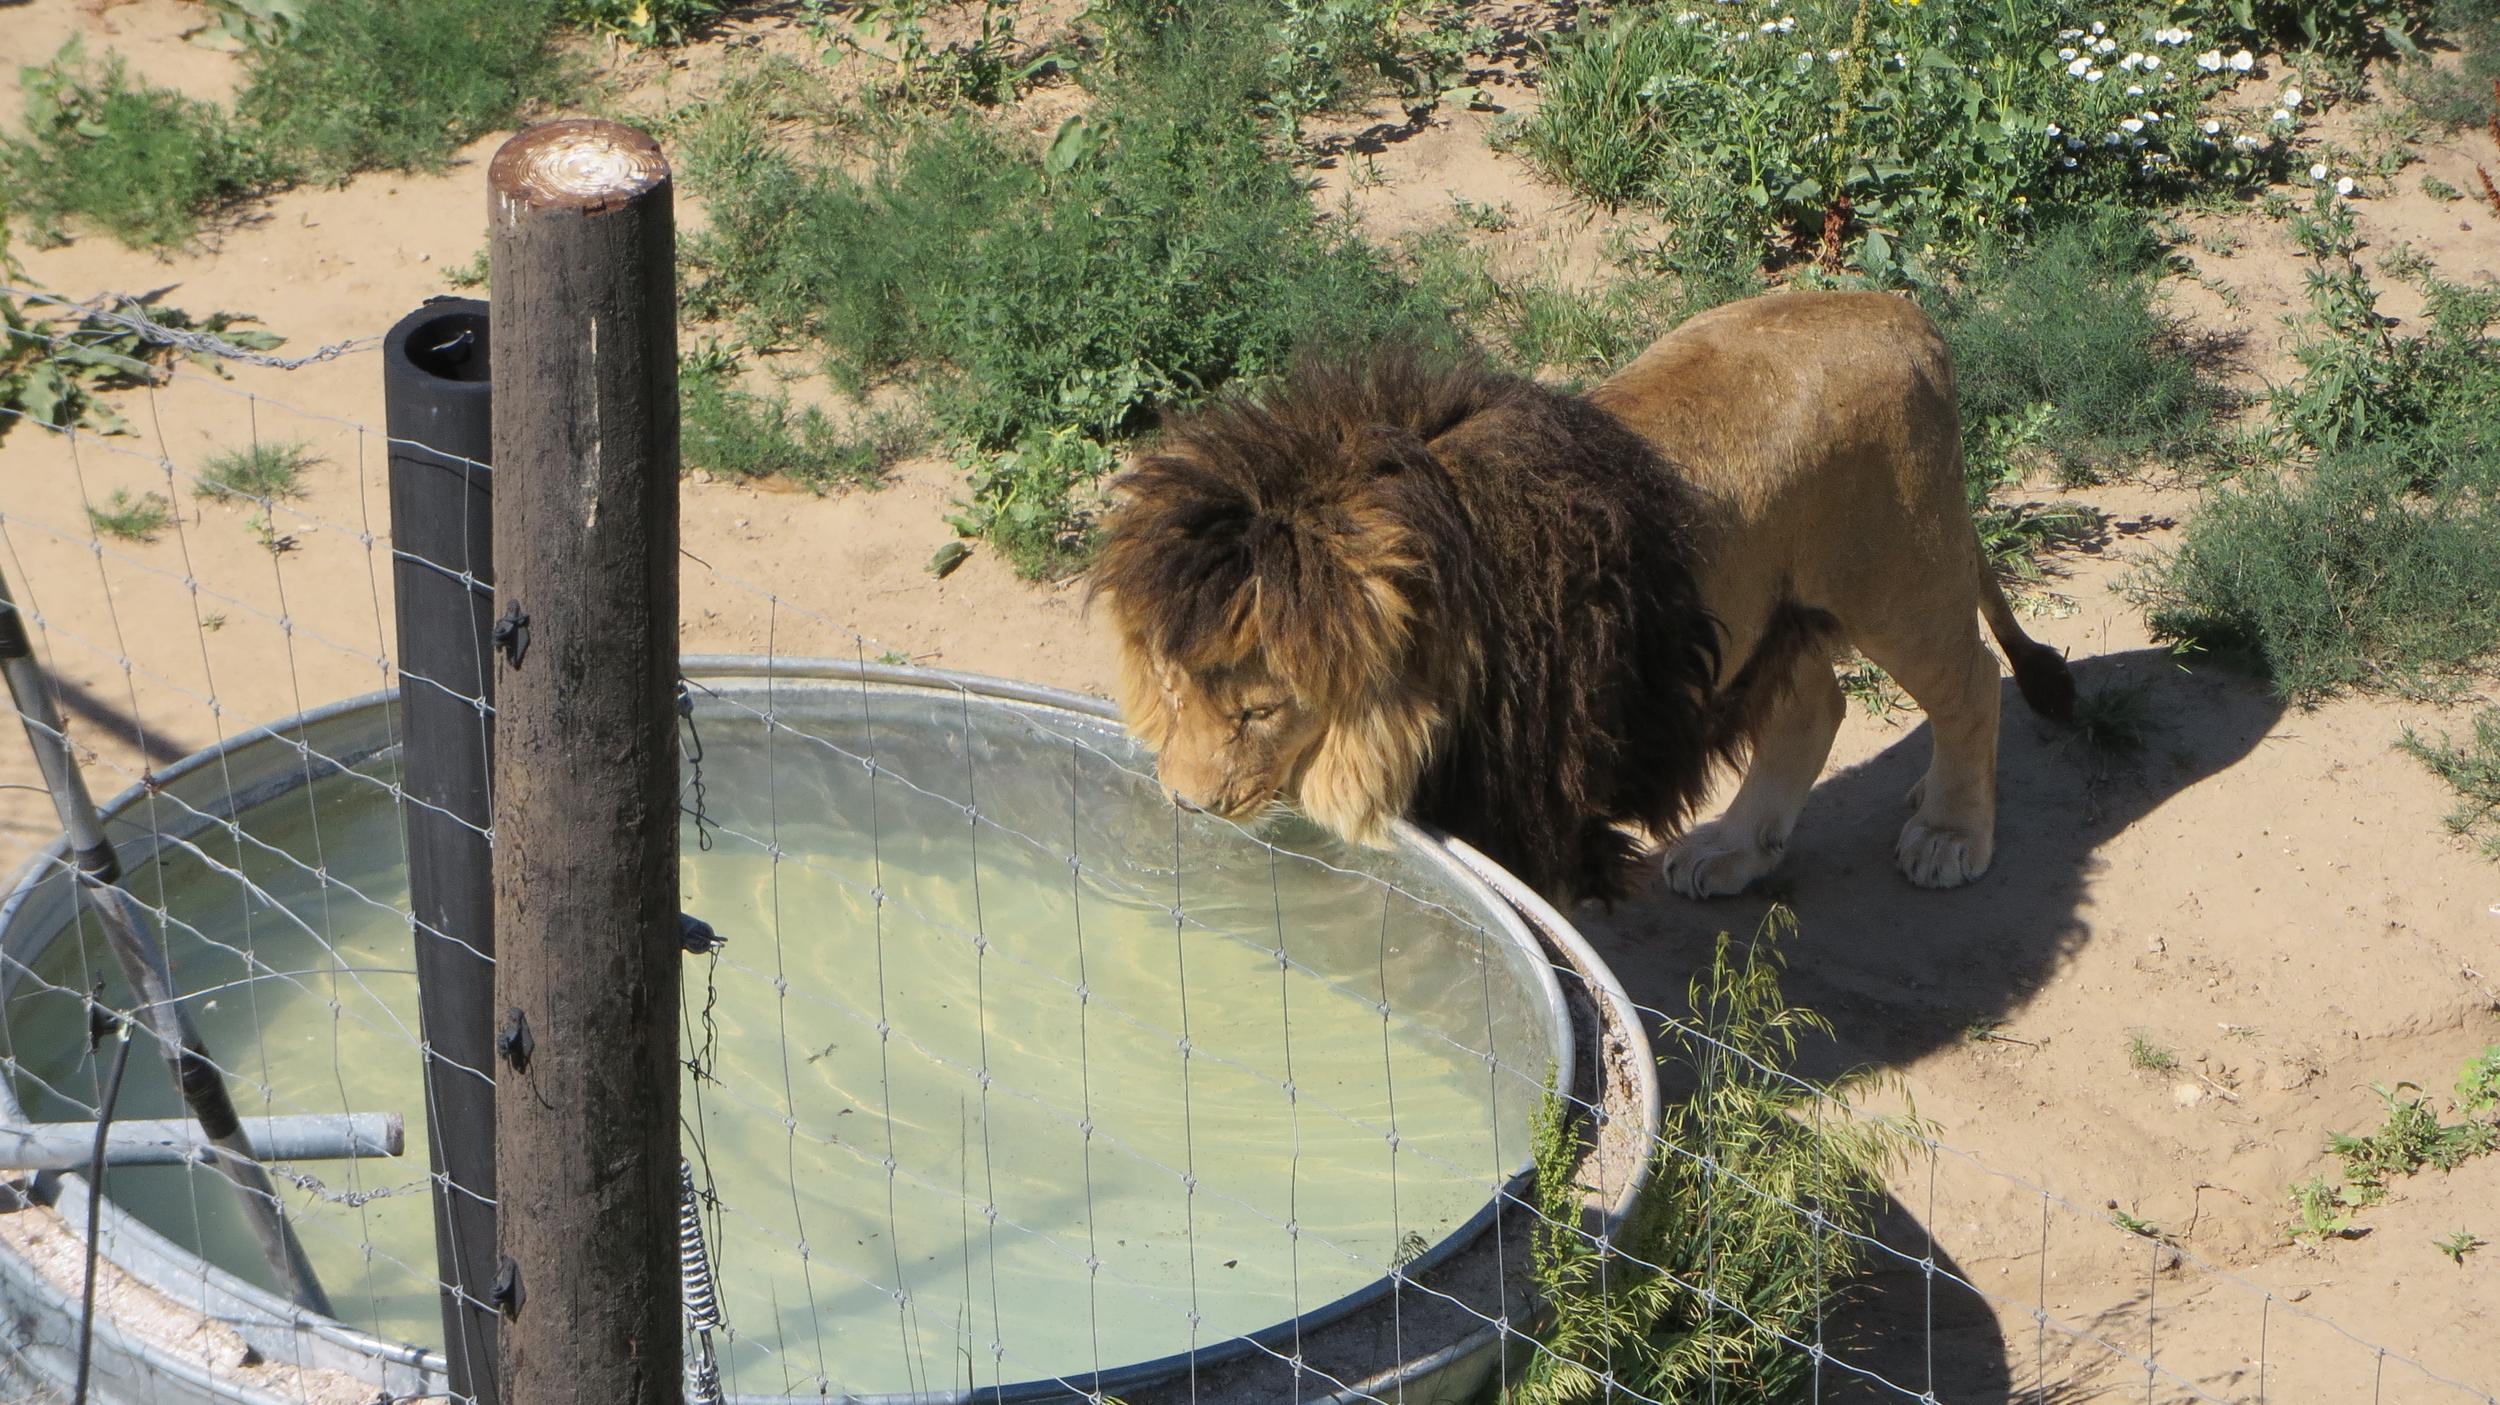 Lion at Wild Animal Sanctuary, Colorado - original.jpg